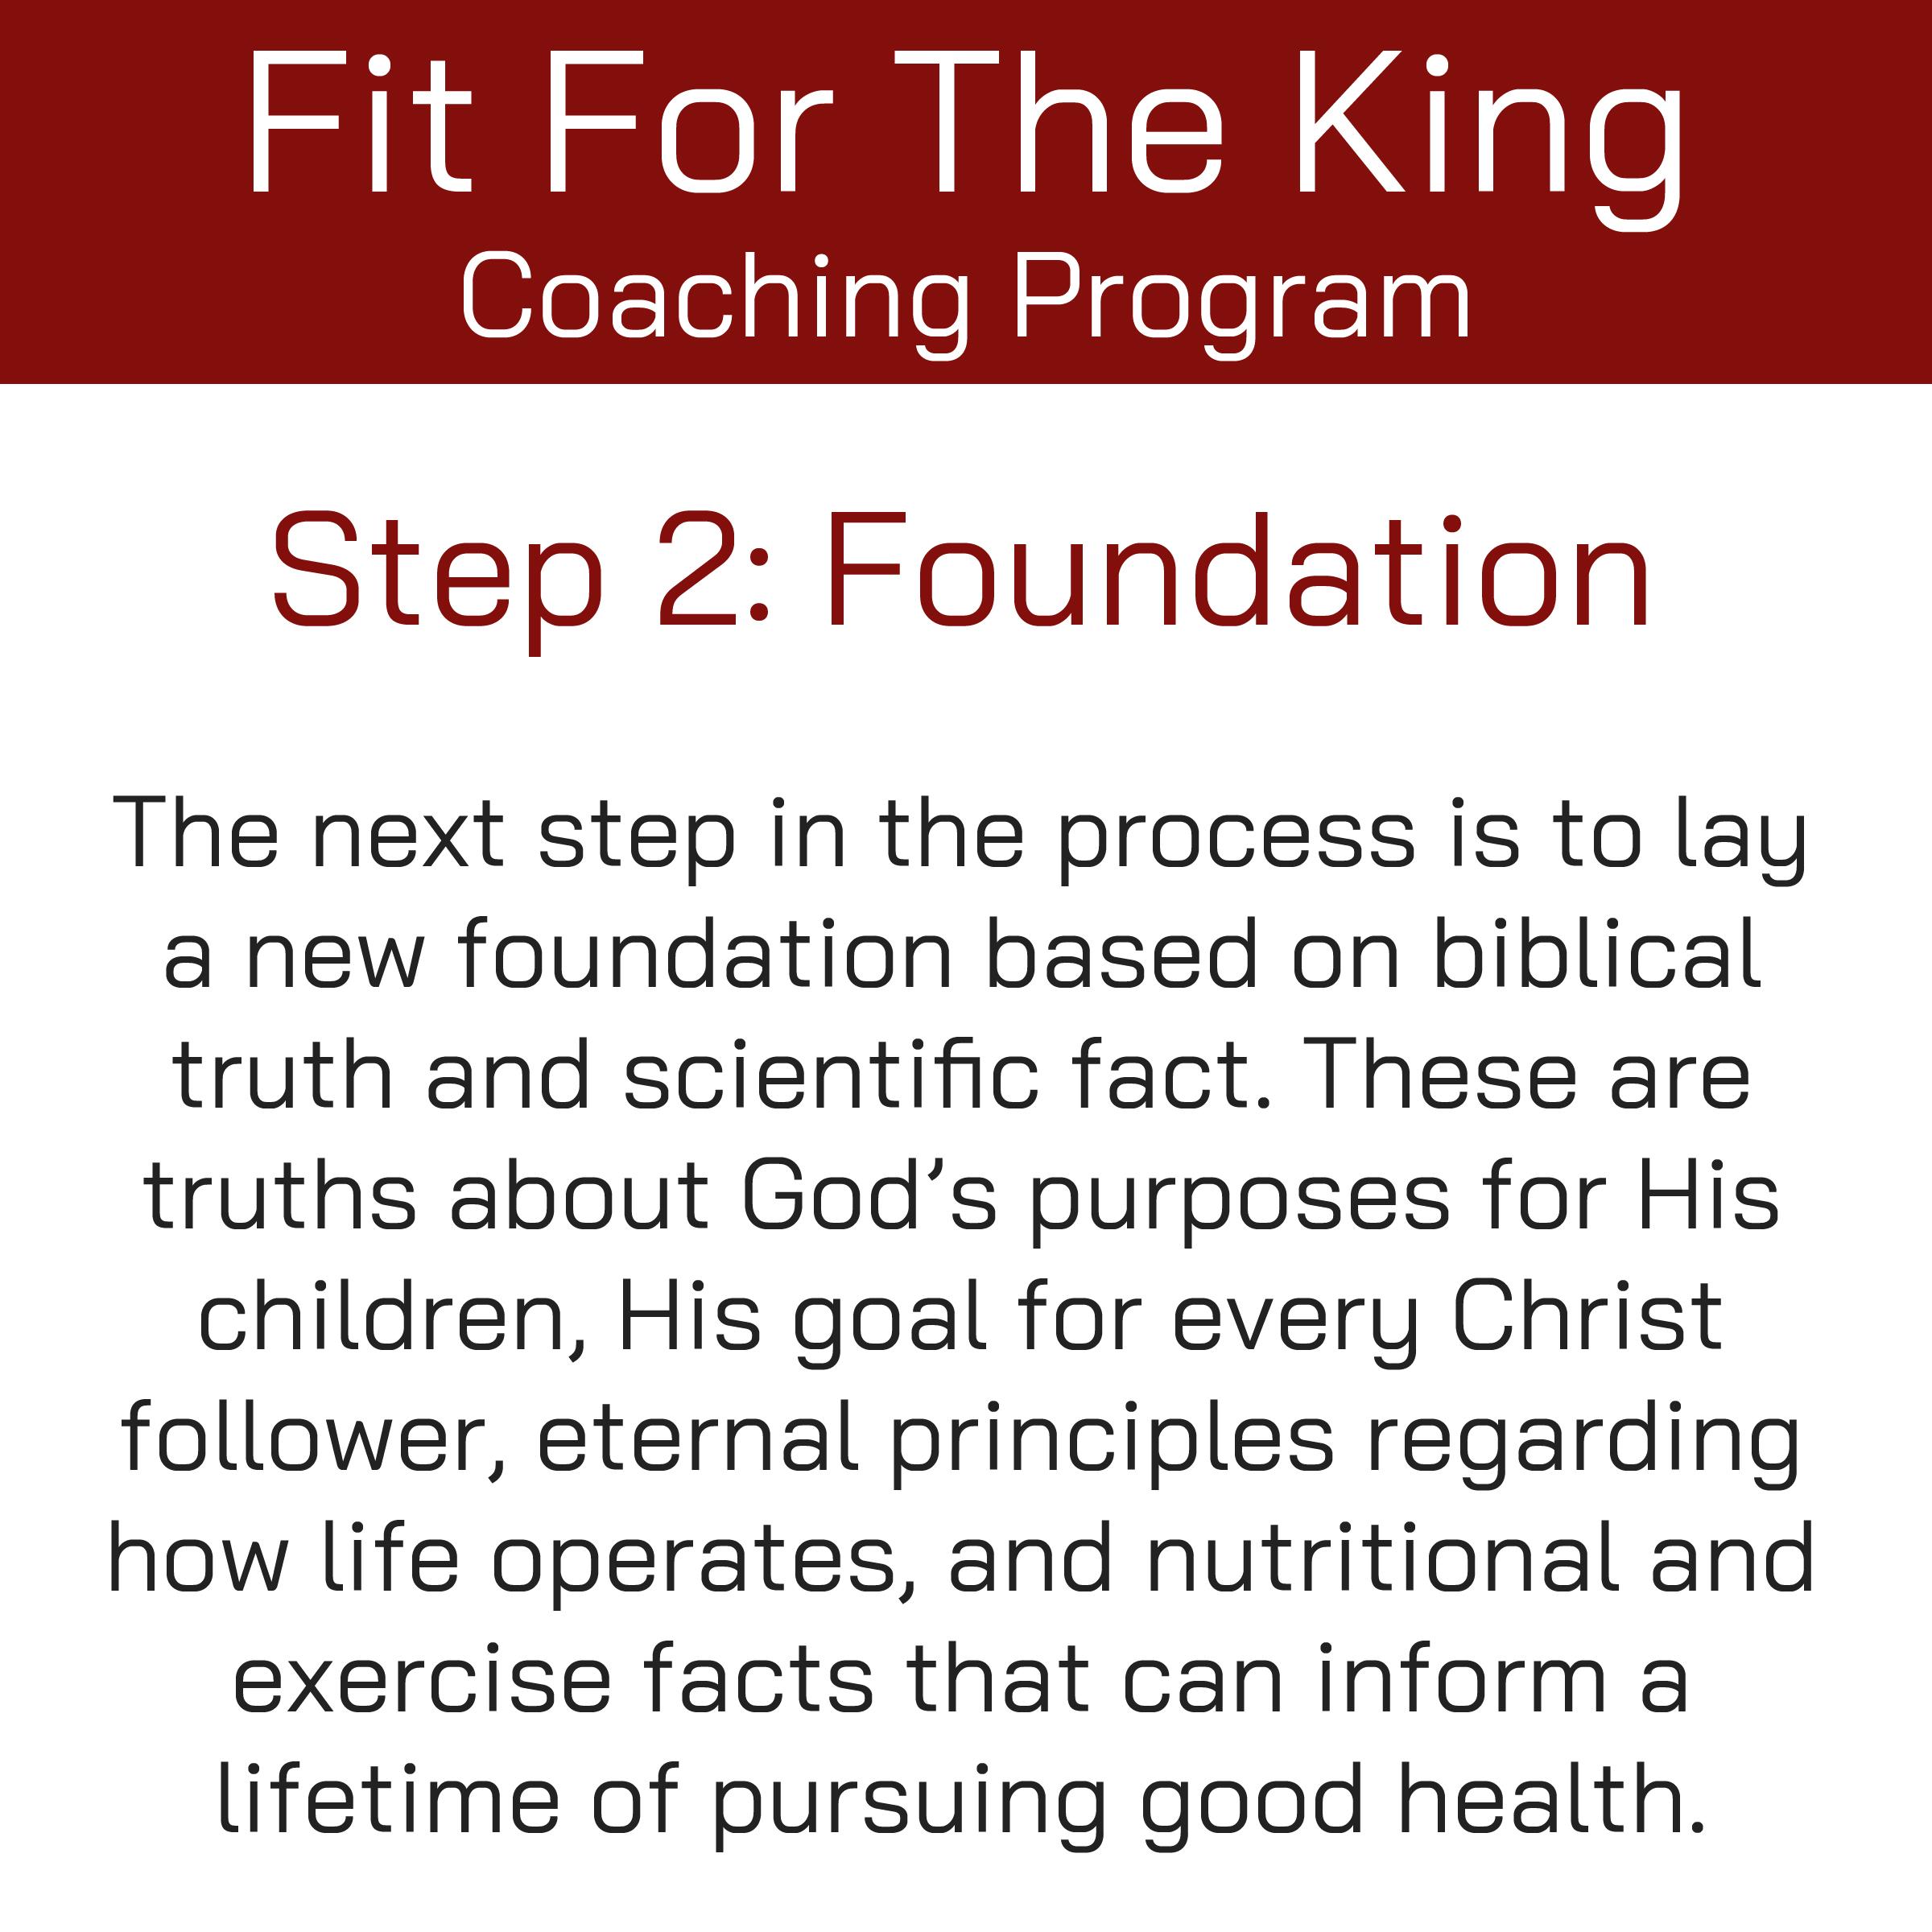 FFTK Coaching Program - Foundation